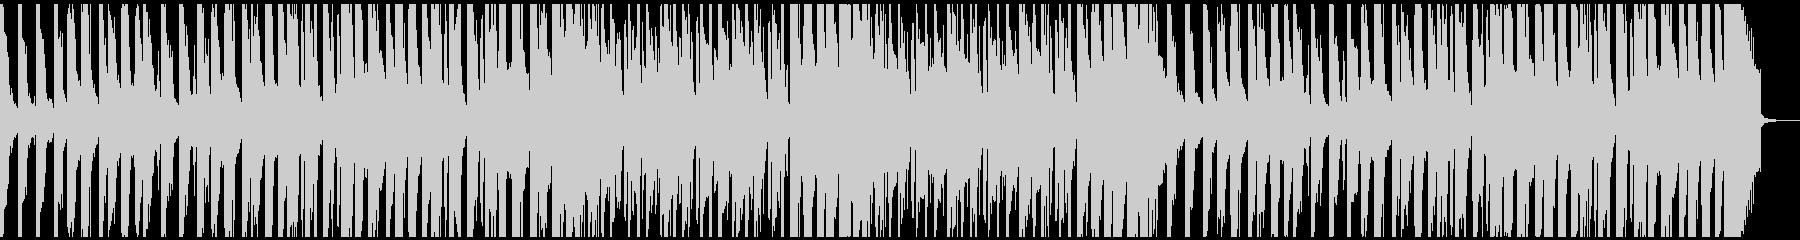 耳に残る迫りくる様なFutureFunkの未再生の波形